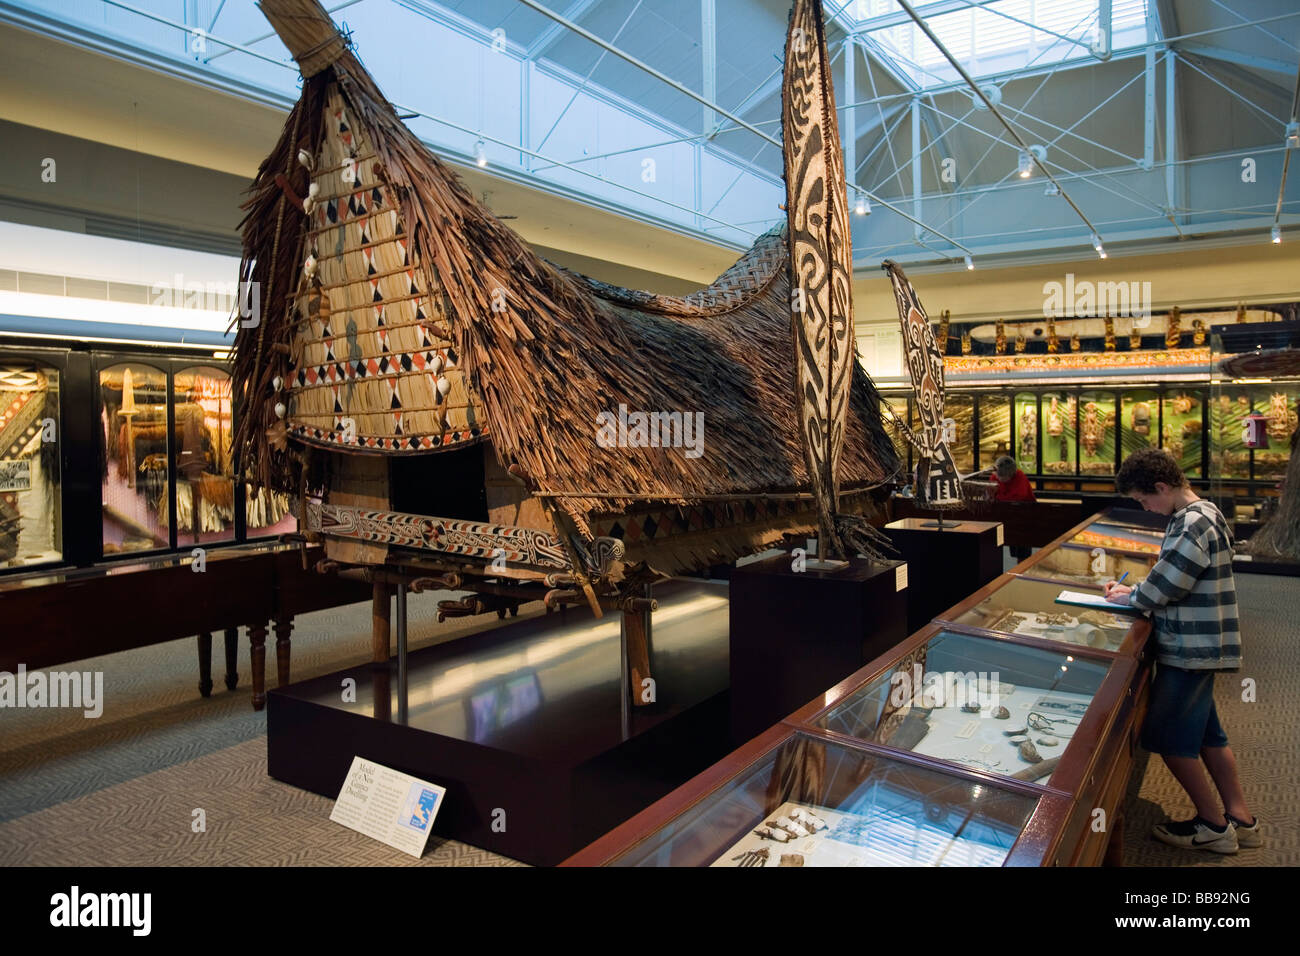 Pazifischen Kulturen Galerie im South Australian Museum.  Adelaide, South Australia, Australien Stockbild